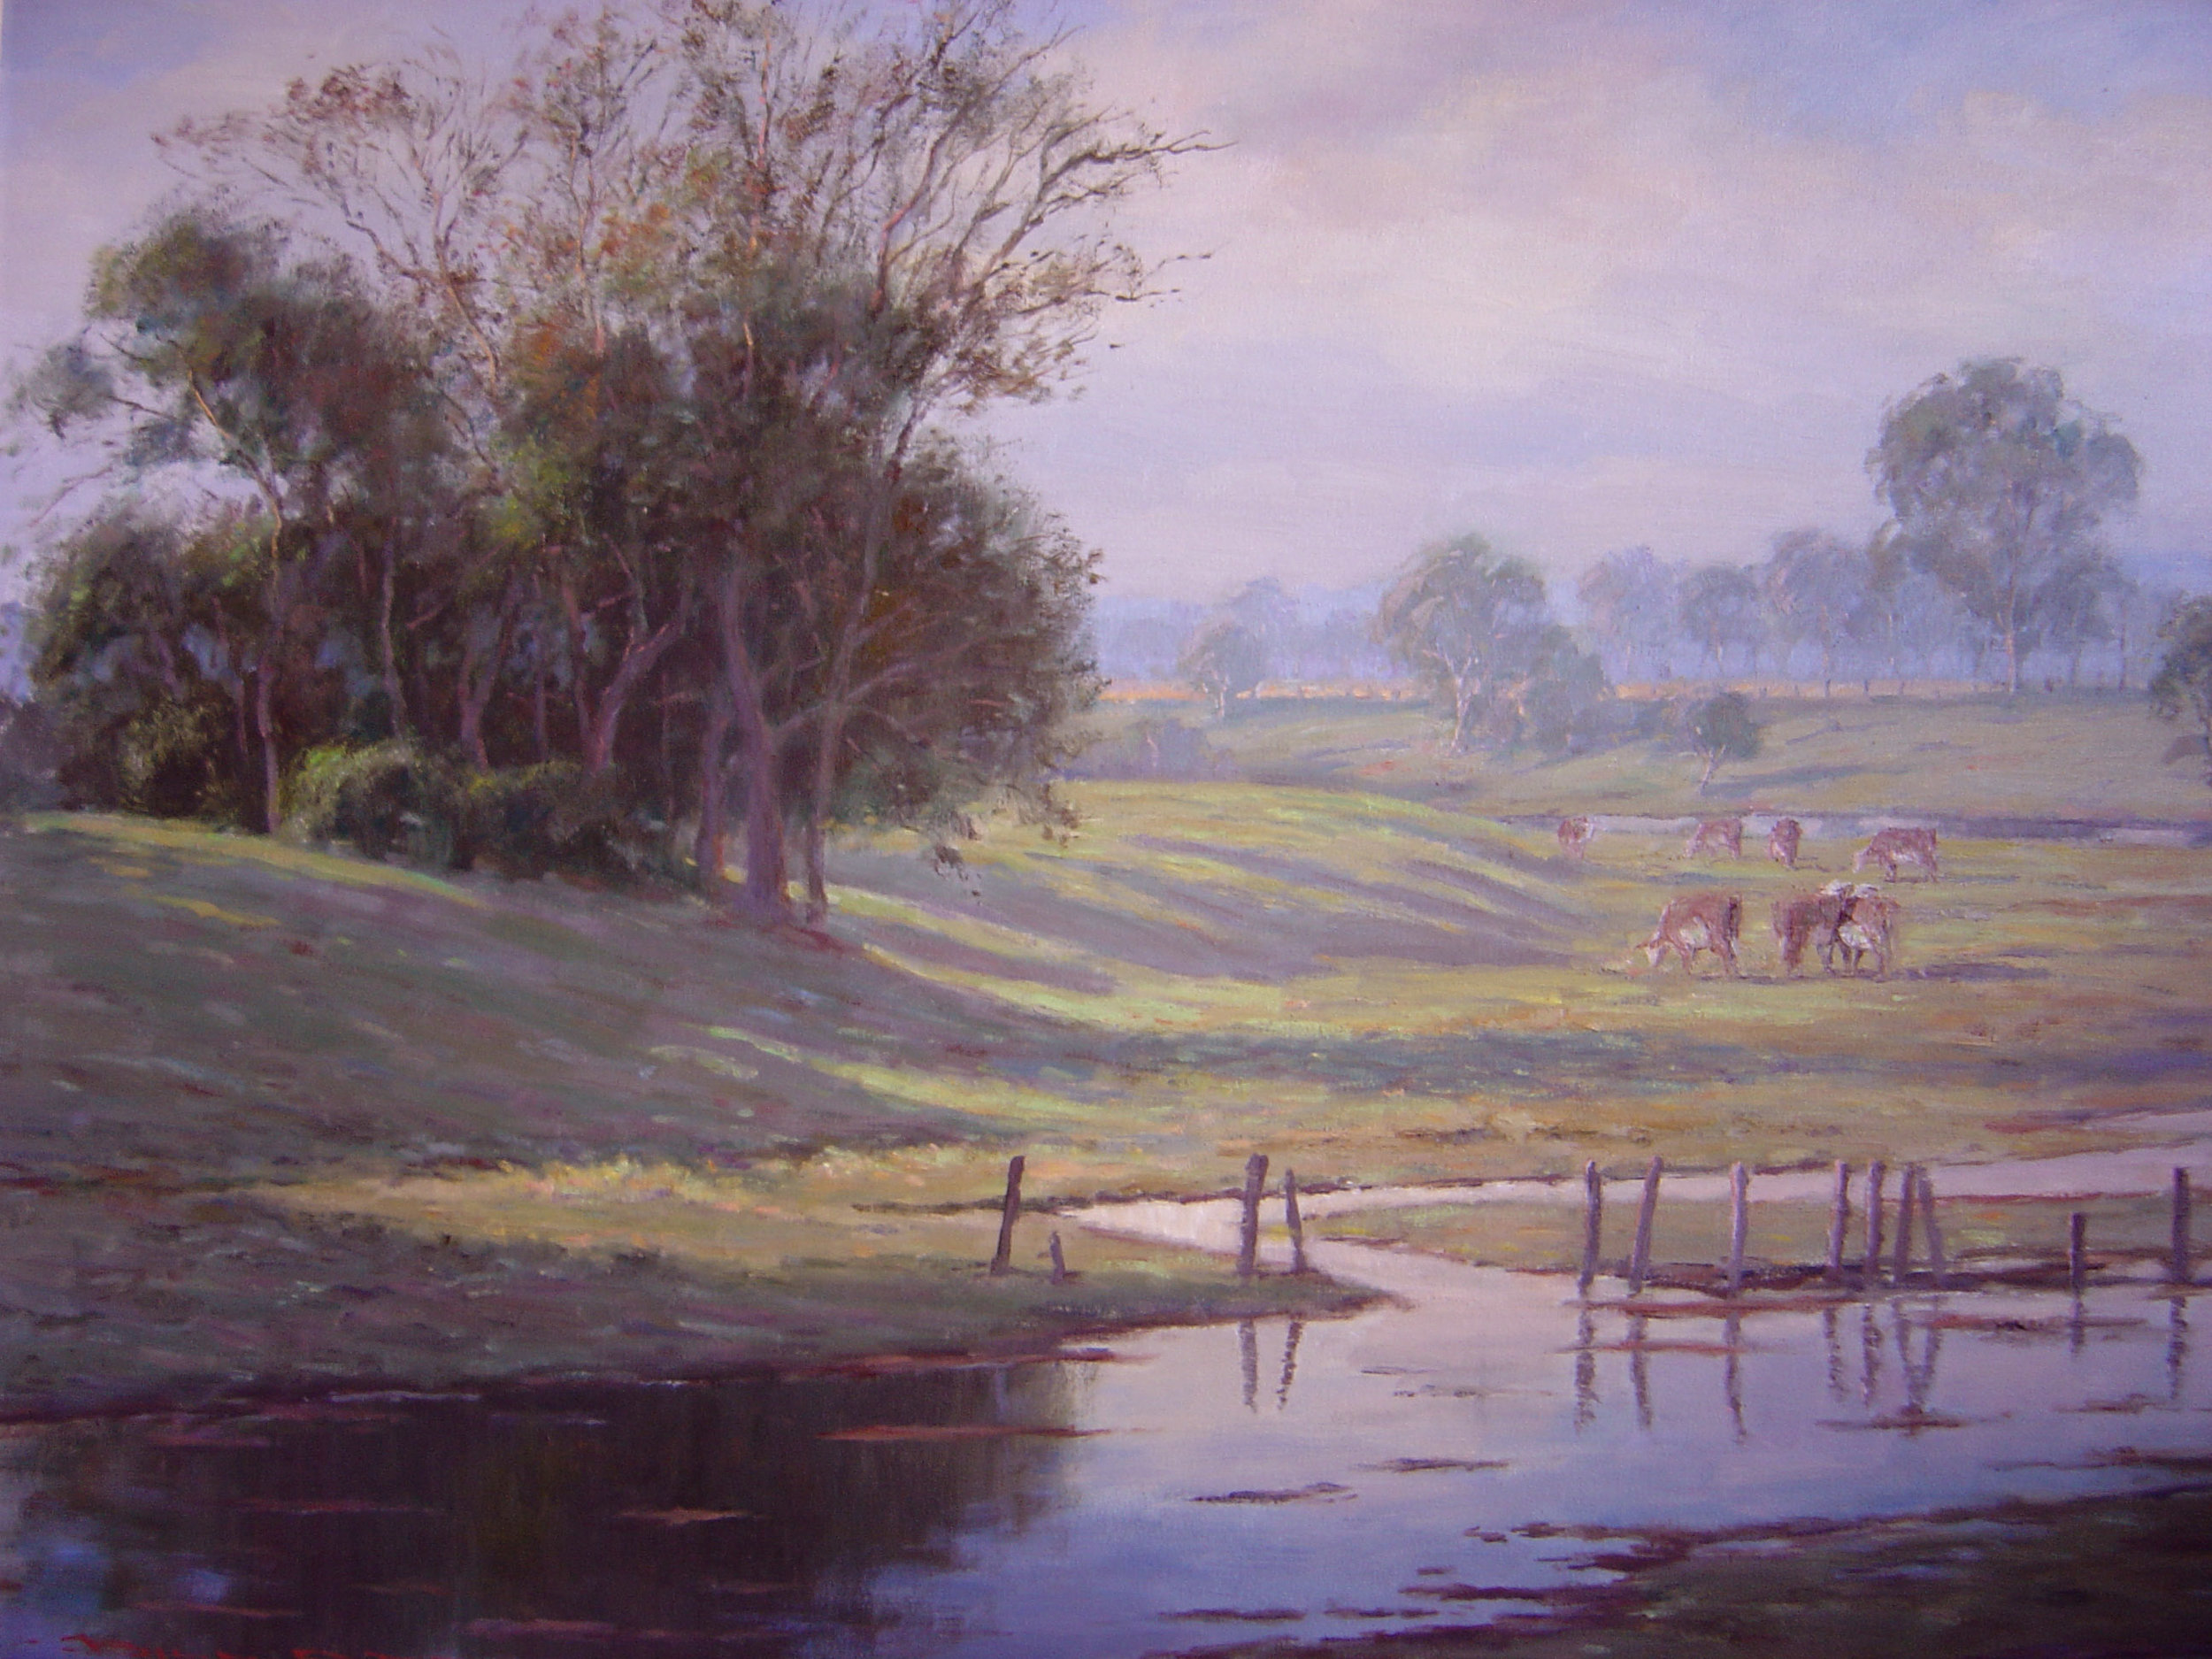 Austral Eden